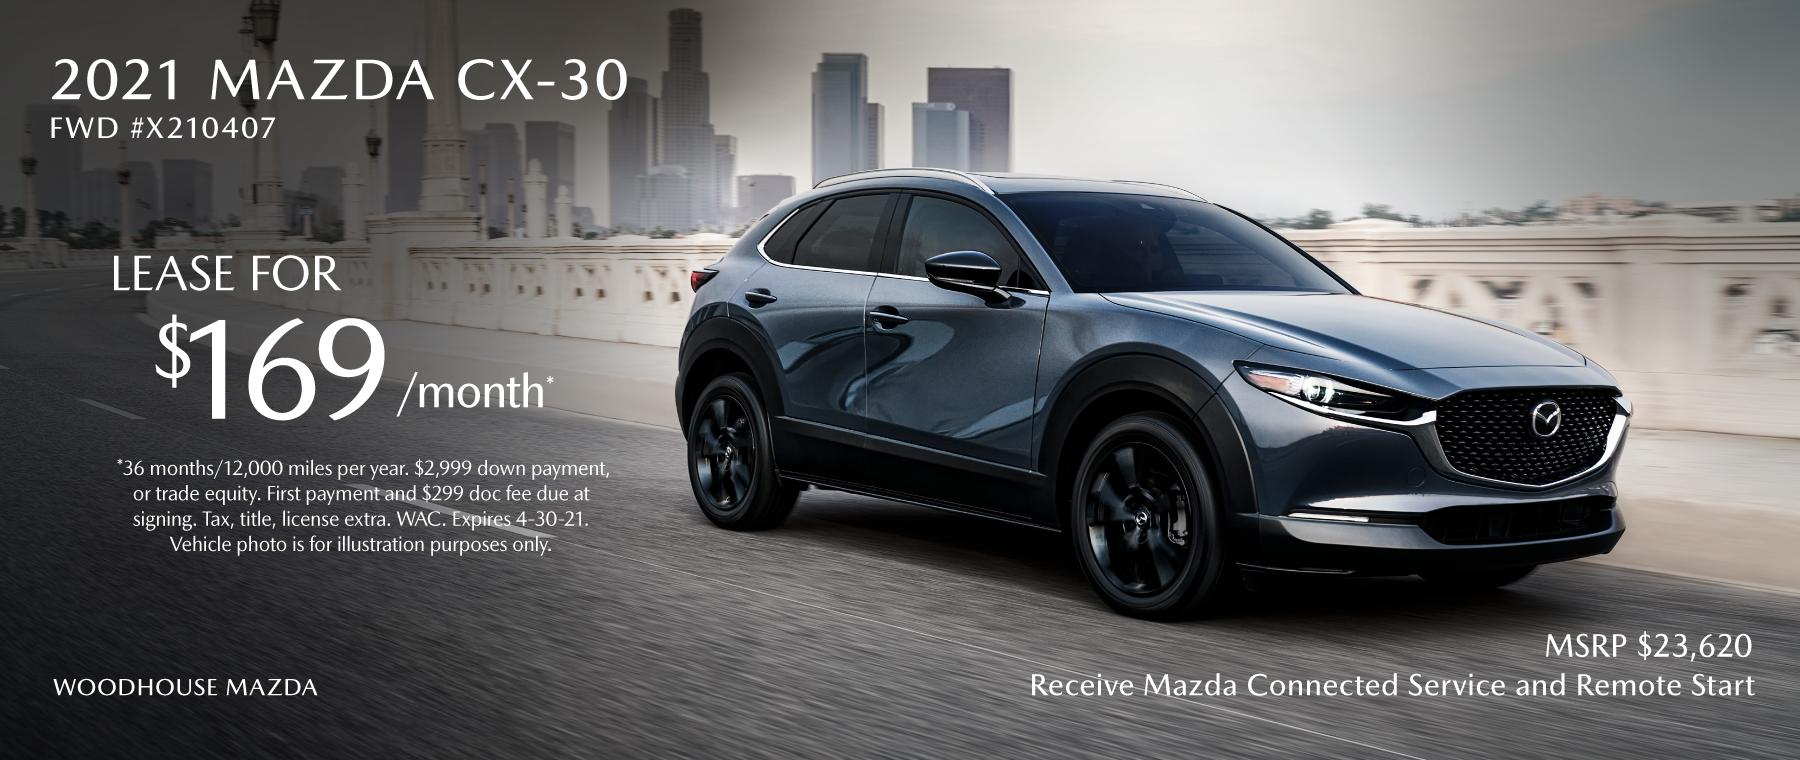 Mazda-Omaha-OEM-0421_CX30